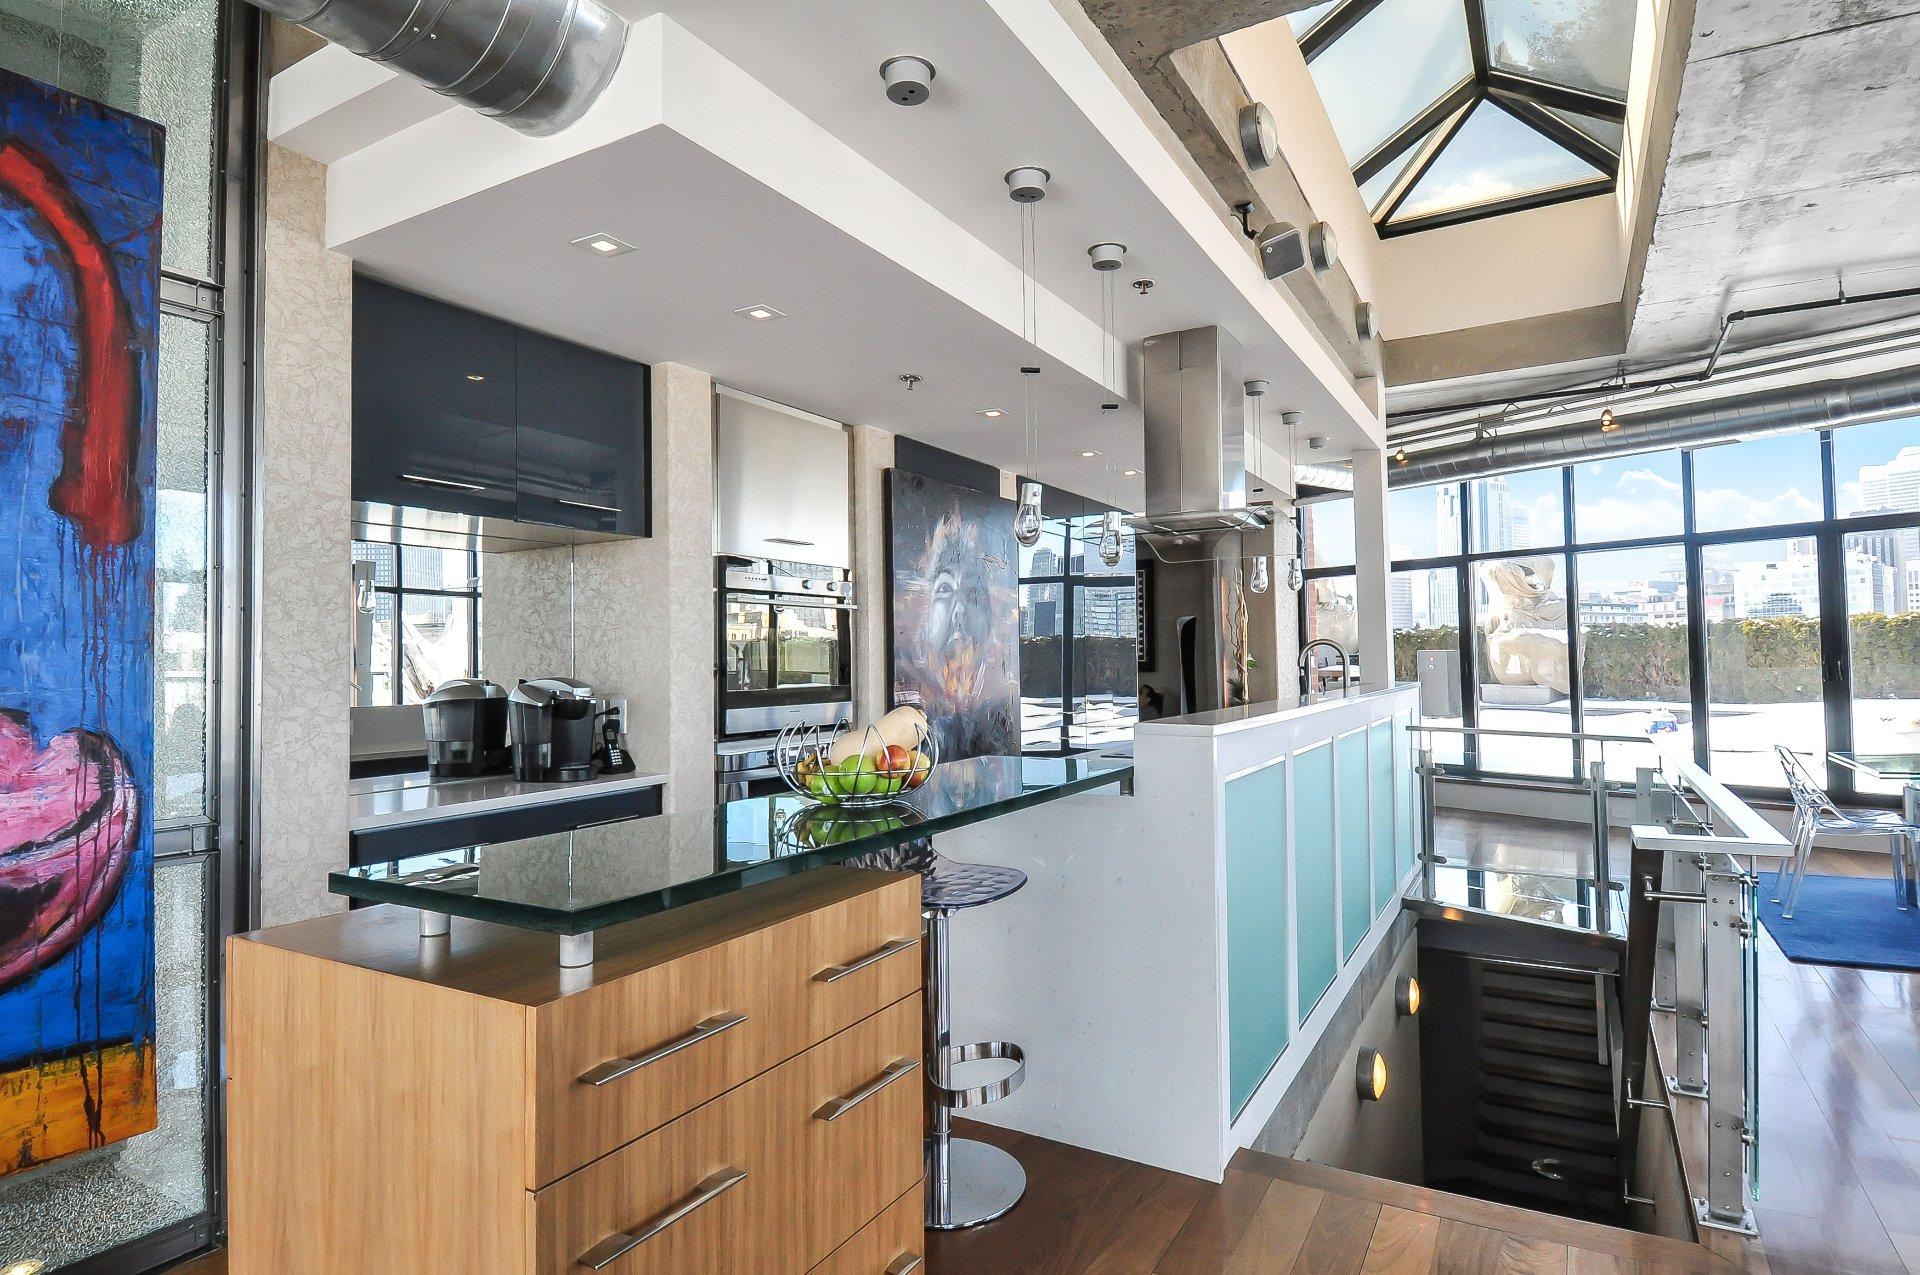 Terutama Rawatan Ini Adalah Berkaitan Dengan Dapur Yang Sempit Di Mana Disebabkan Oleh Lebar Bilik Kecil Mustahil Untuk Masuk Dan Perabot